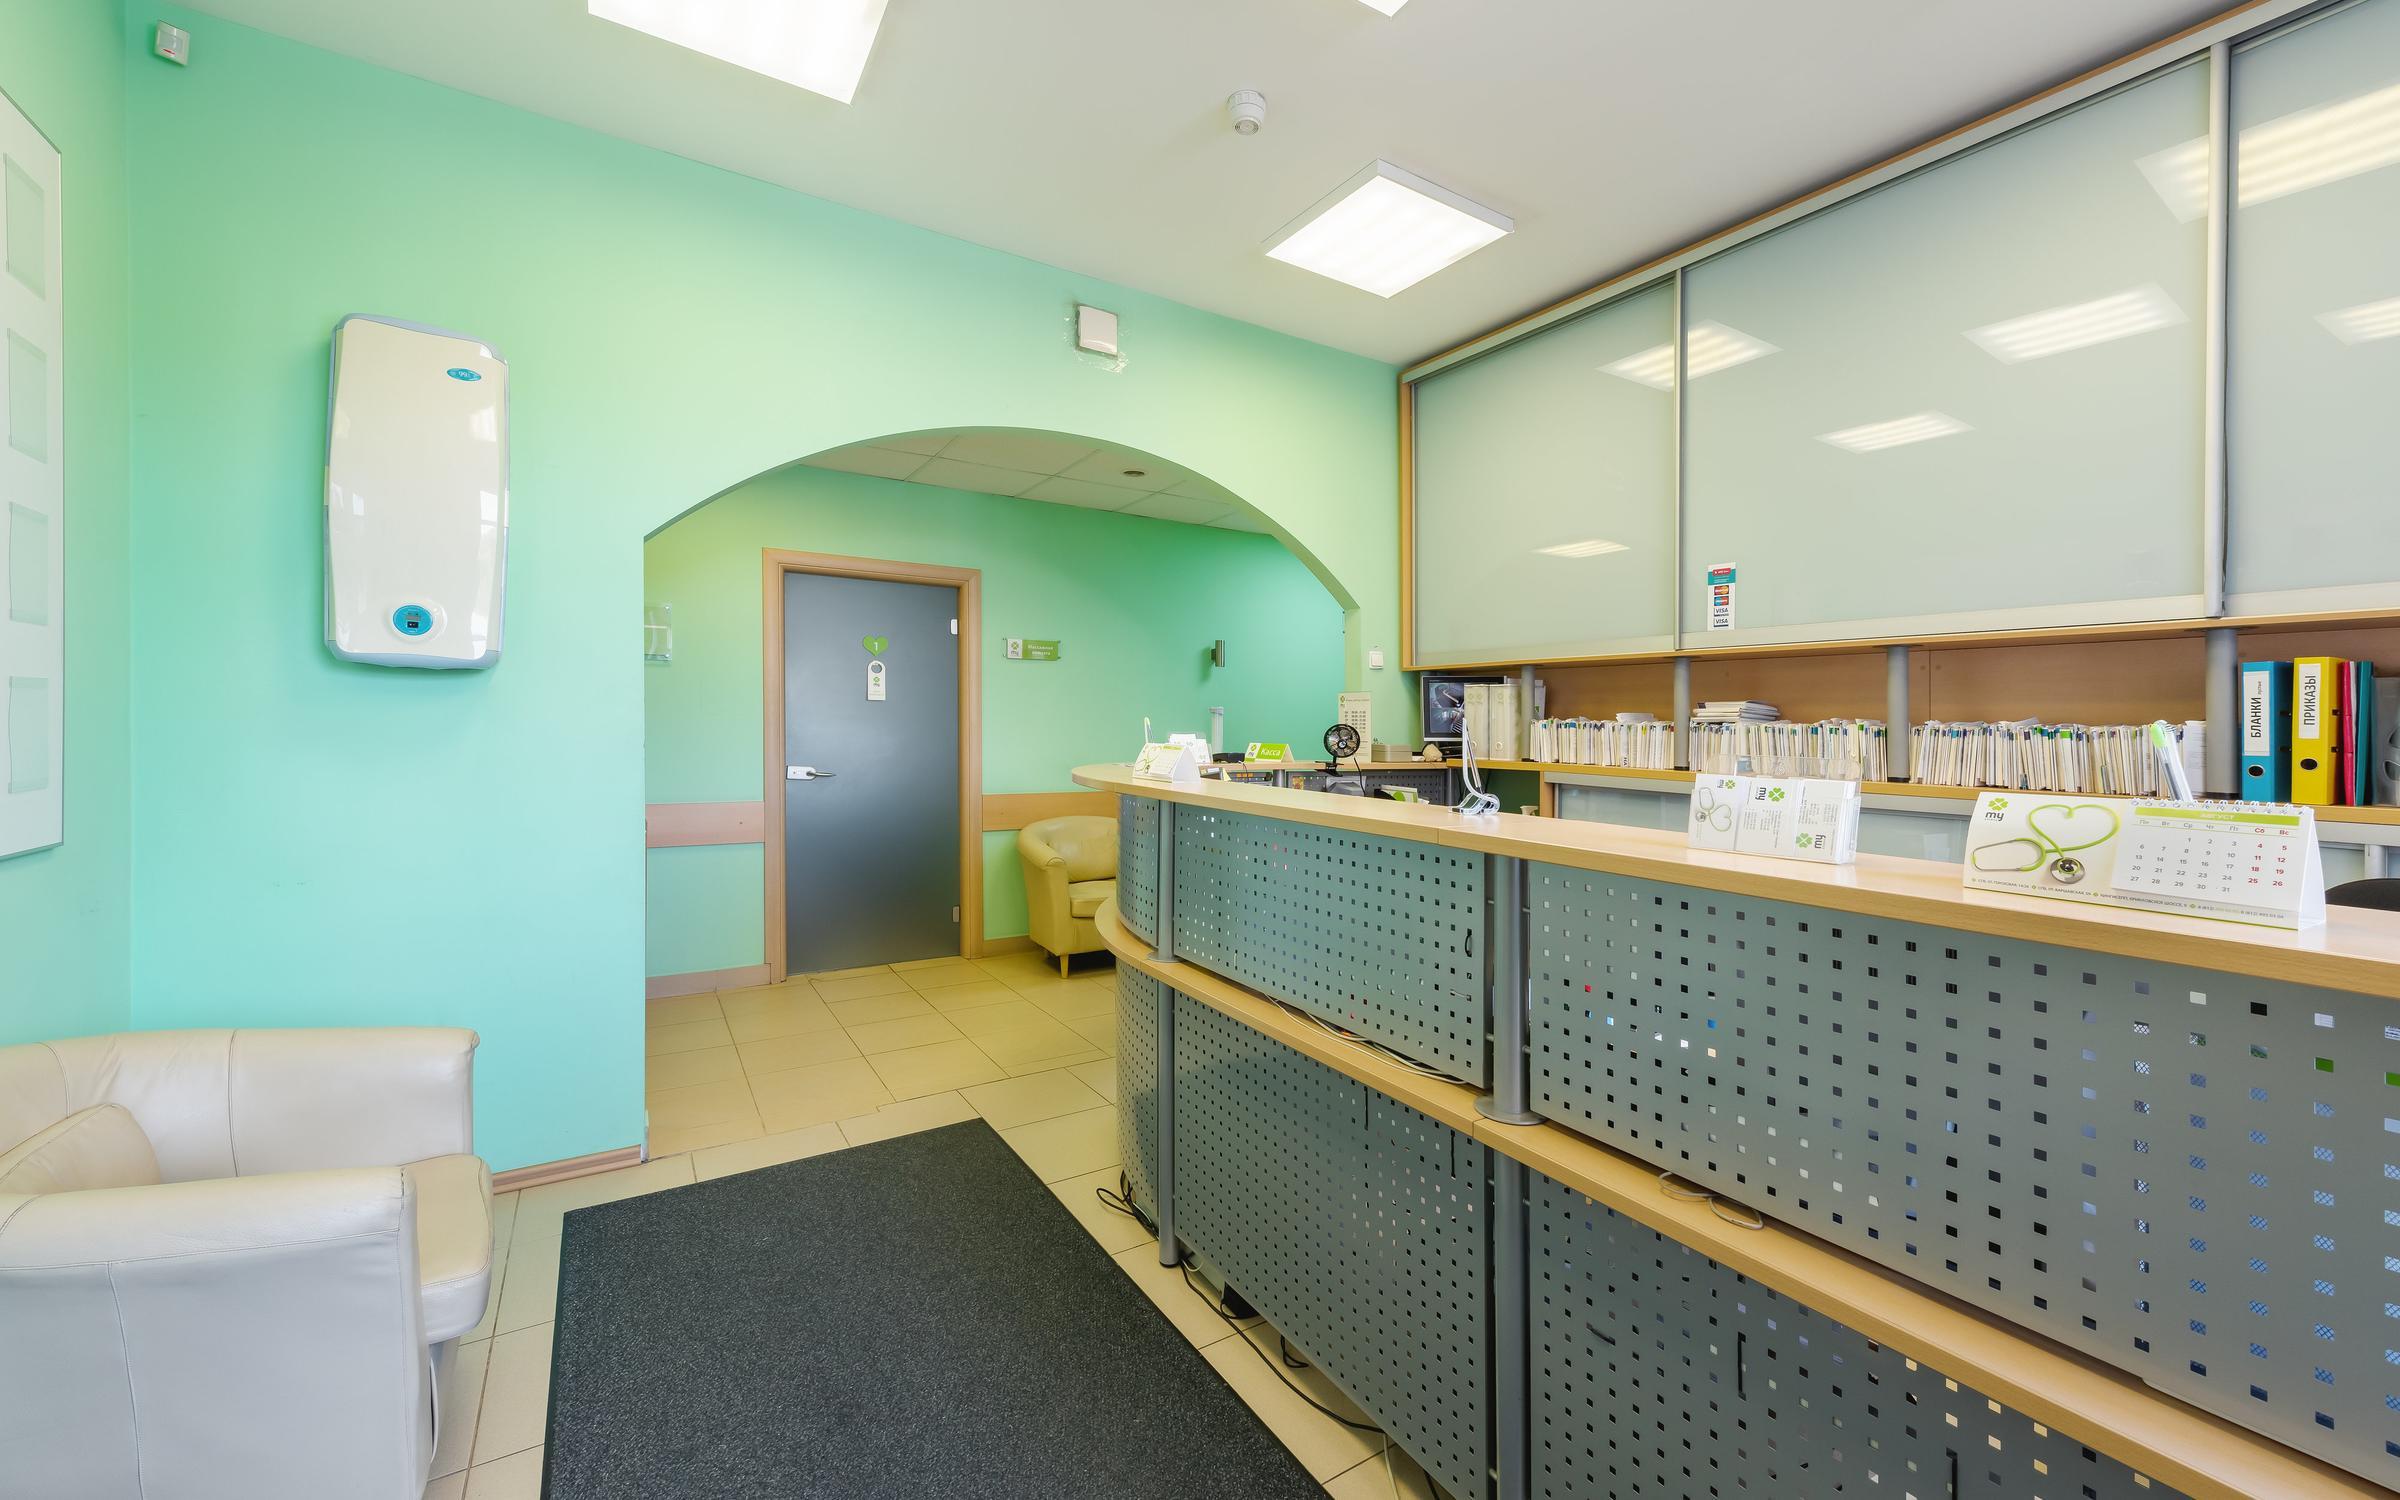 фотография Медицинского центра Моя клиника на Варшавской улице